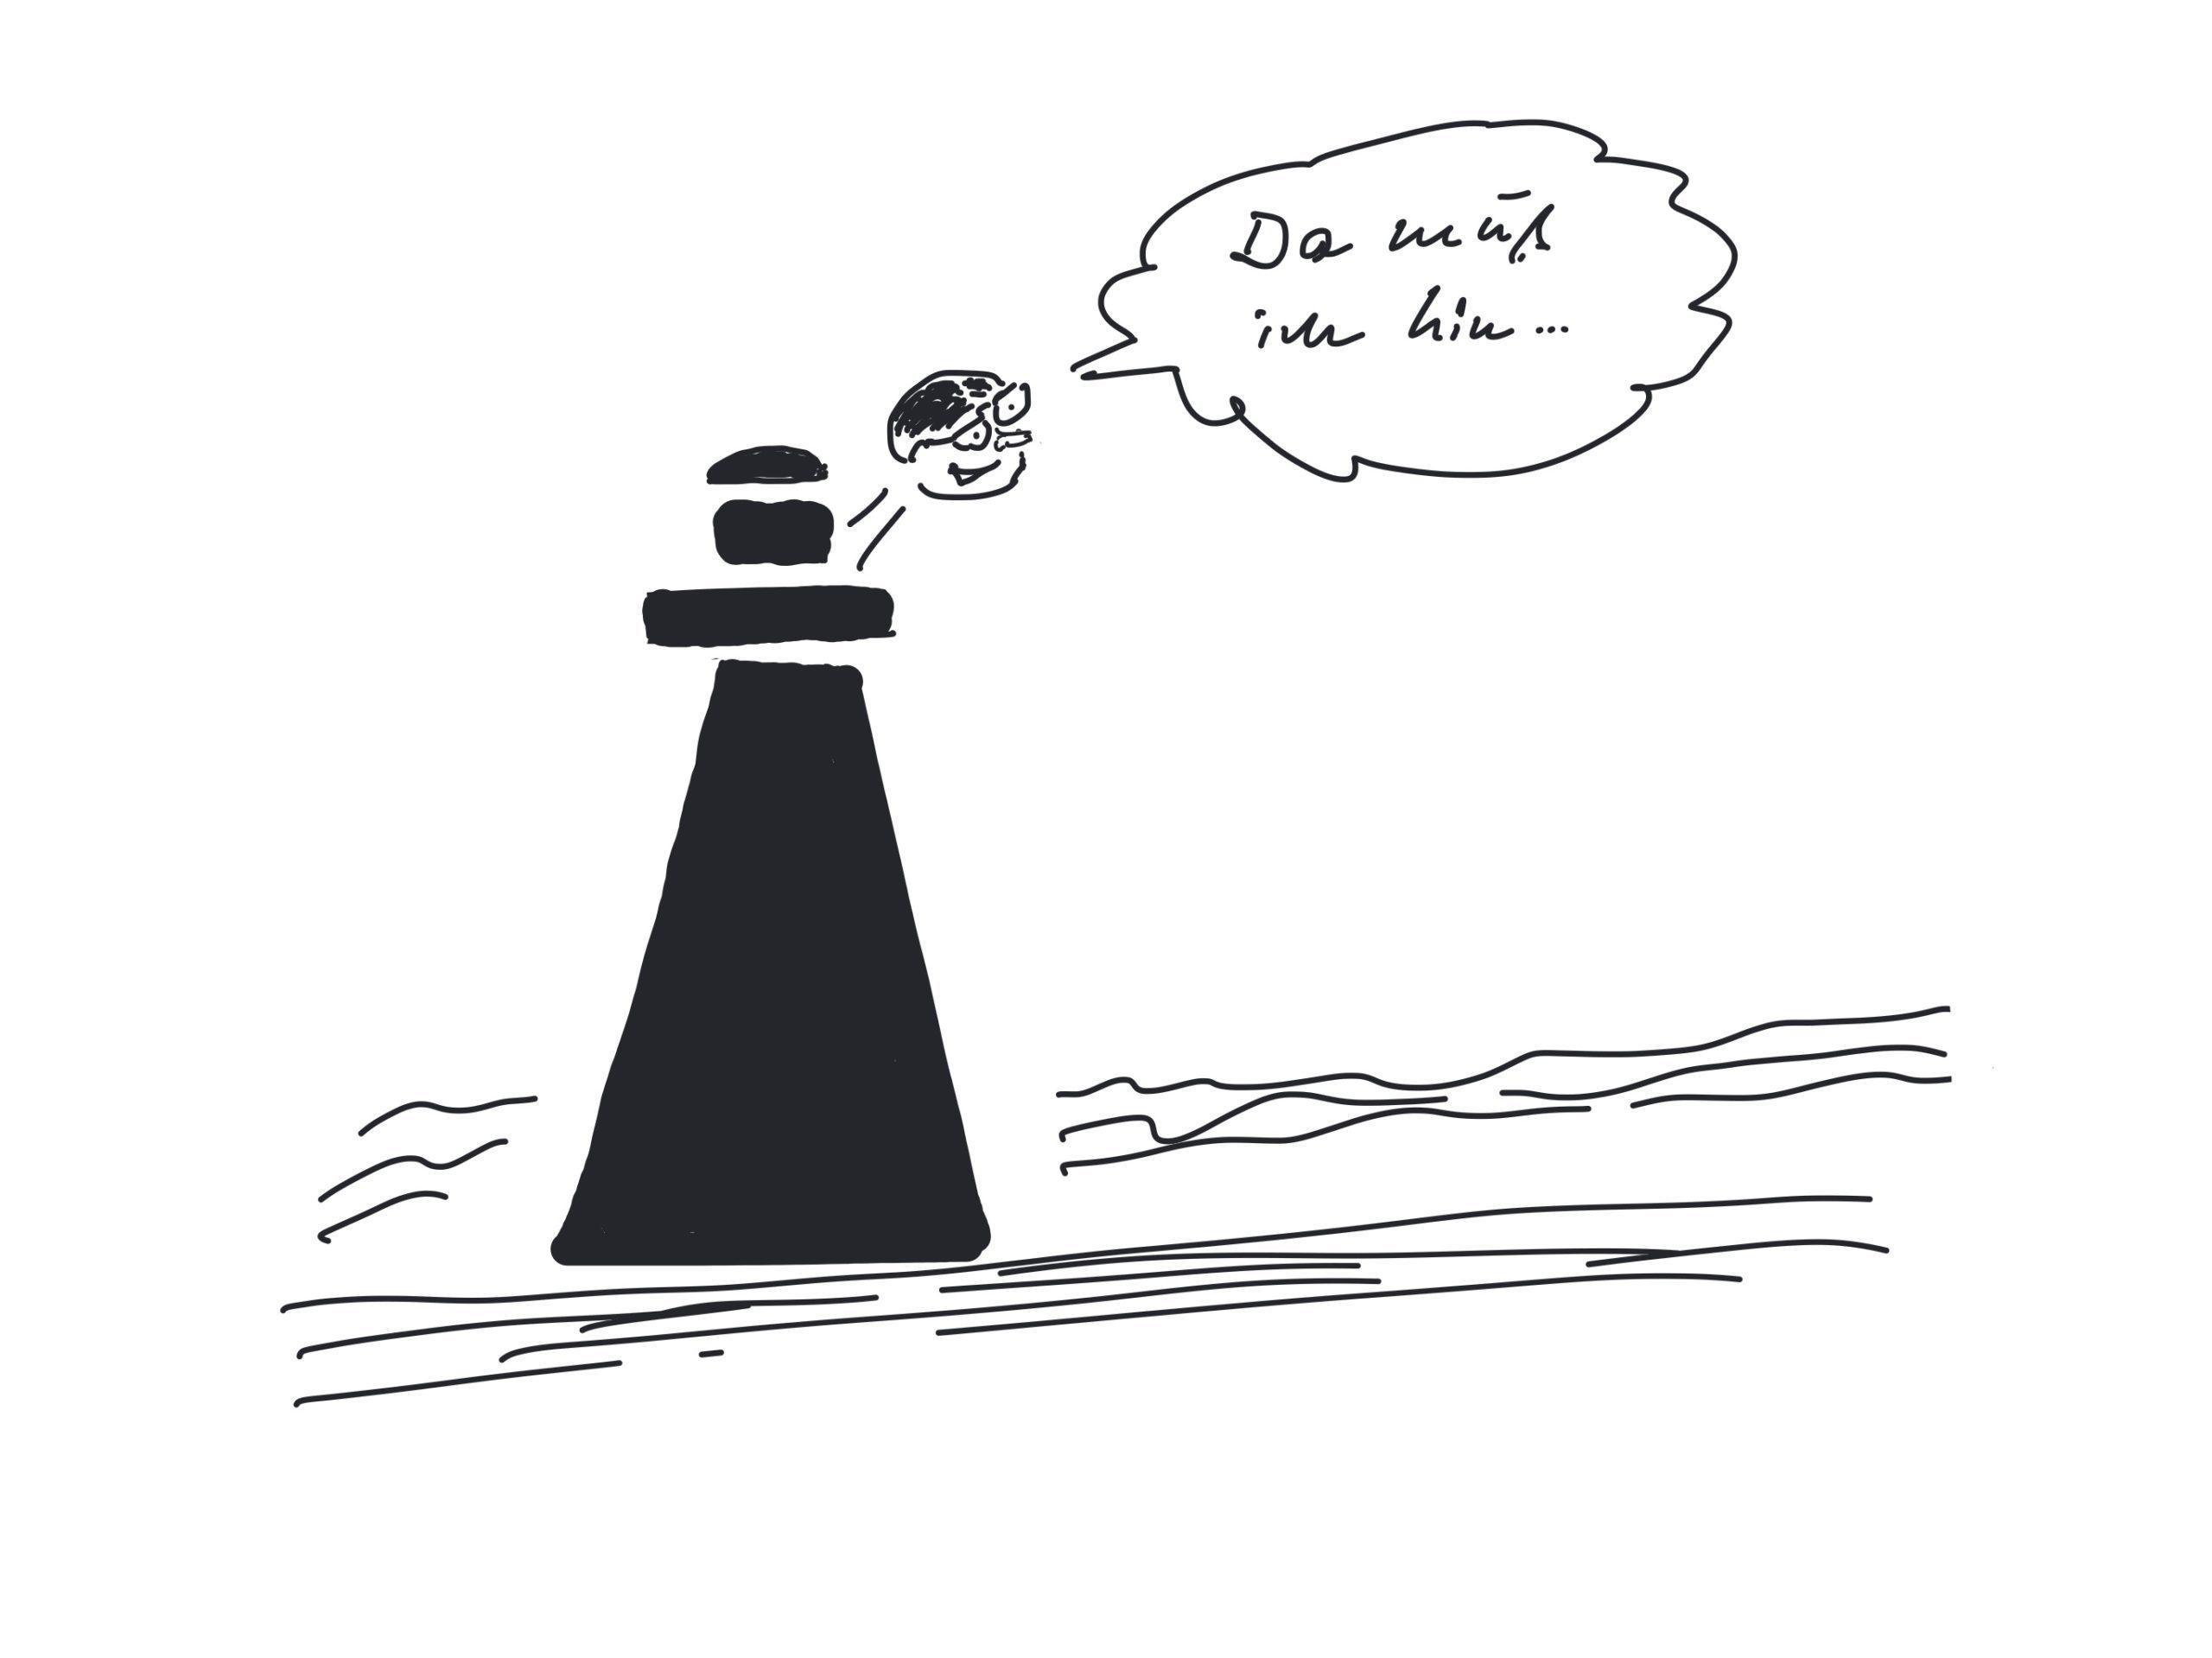 Zeichnung: Leutturm mit einem Mann, der hinausschaut